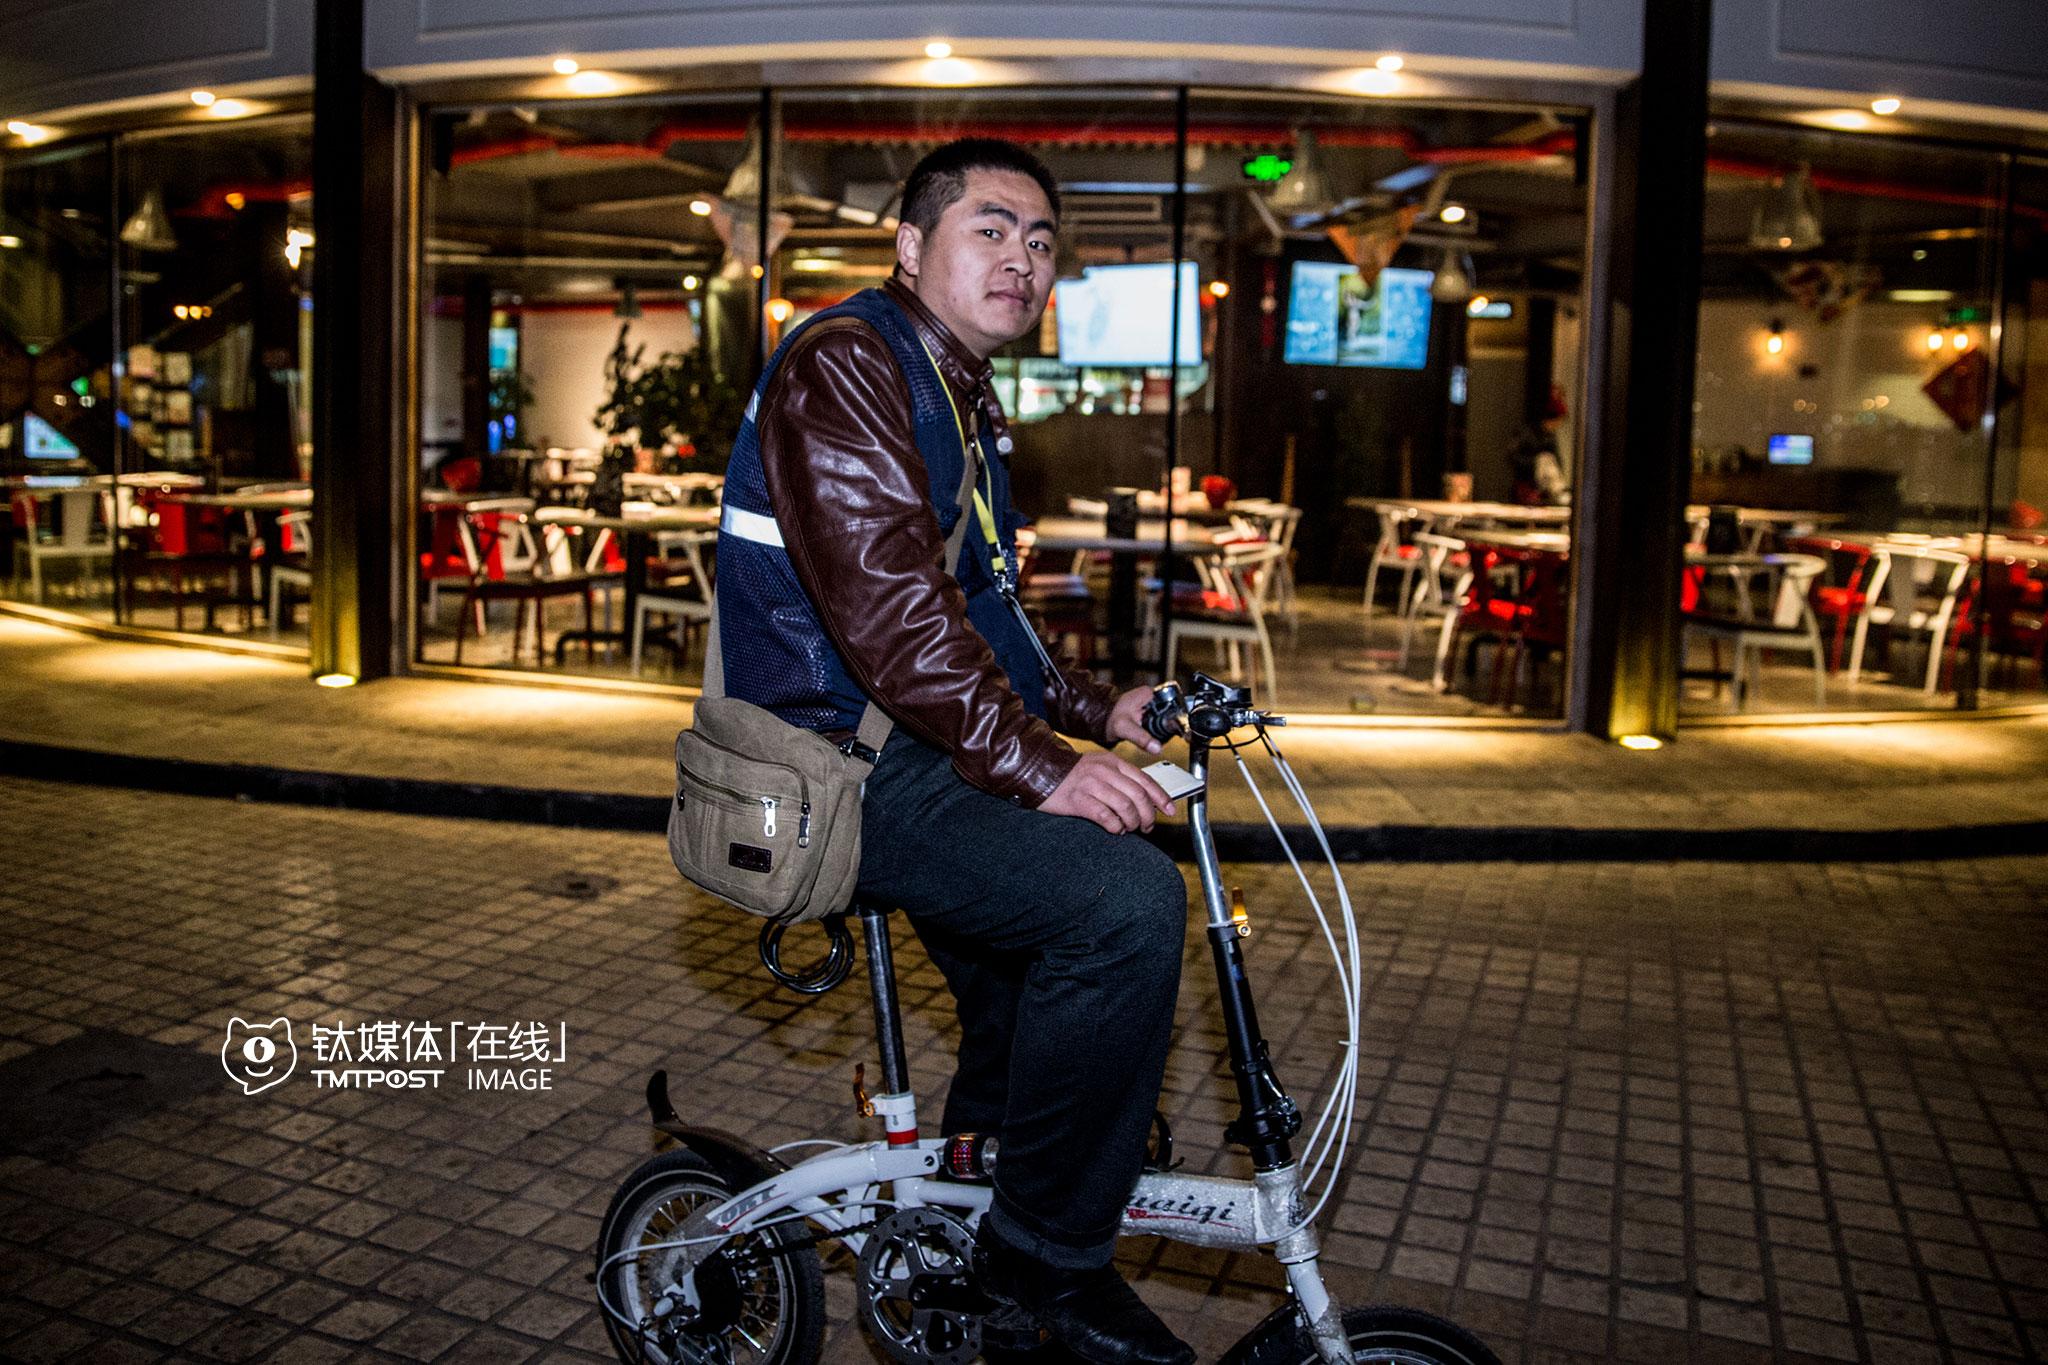 """刘师傅2015年一直在老家泰安做代驾,2016年1月13号开始转战北京。叫代驾的车主形形色色,他也遇到过一些酒品不好的人。""""就一次,客人上车就开始骂我,从酒吧门口一直骂到二环上,正好遇到查酒驾,我打开车门就下车,交警一看就过来把我按倒了,以为我酒驾要跑,我说我是代驾,这位顾客骂我骂得让我实在受不了了,我不想开了。""""刘师傅转头向后座客人说,""""哥你今天投诉我也好,怎么也好,今天这单我没法做了,我实在忍受不了了,你要愿意开自己开吧。""""客人一看这情形,马上不骂了,缓过神来赶忙跟他道歉,""""我还是上车把他送回去了"""",刘师傅说,自己当过兵,如果不是实在受不了了,也不会这样。"""